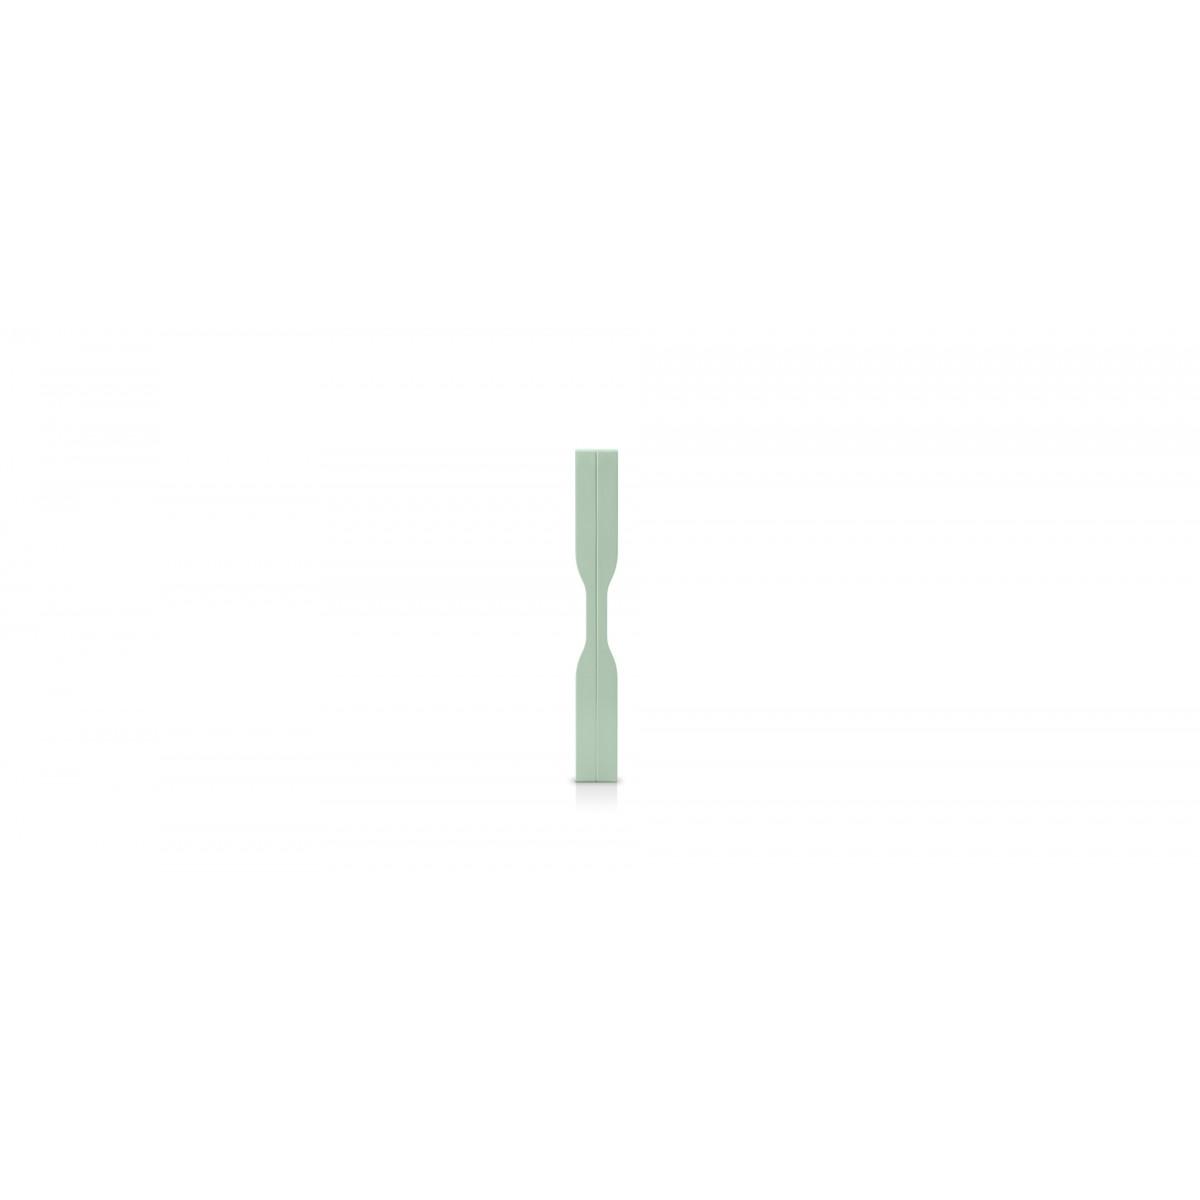 EVASOLOMagnetiskbordsknereucalyptusgreen-04